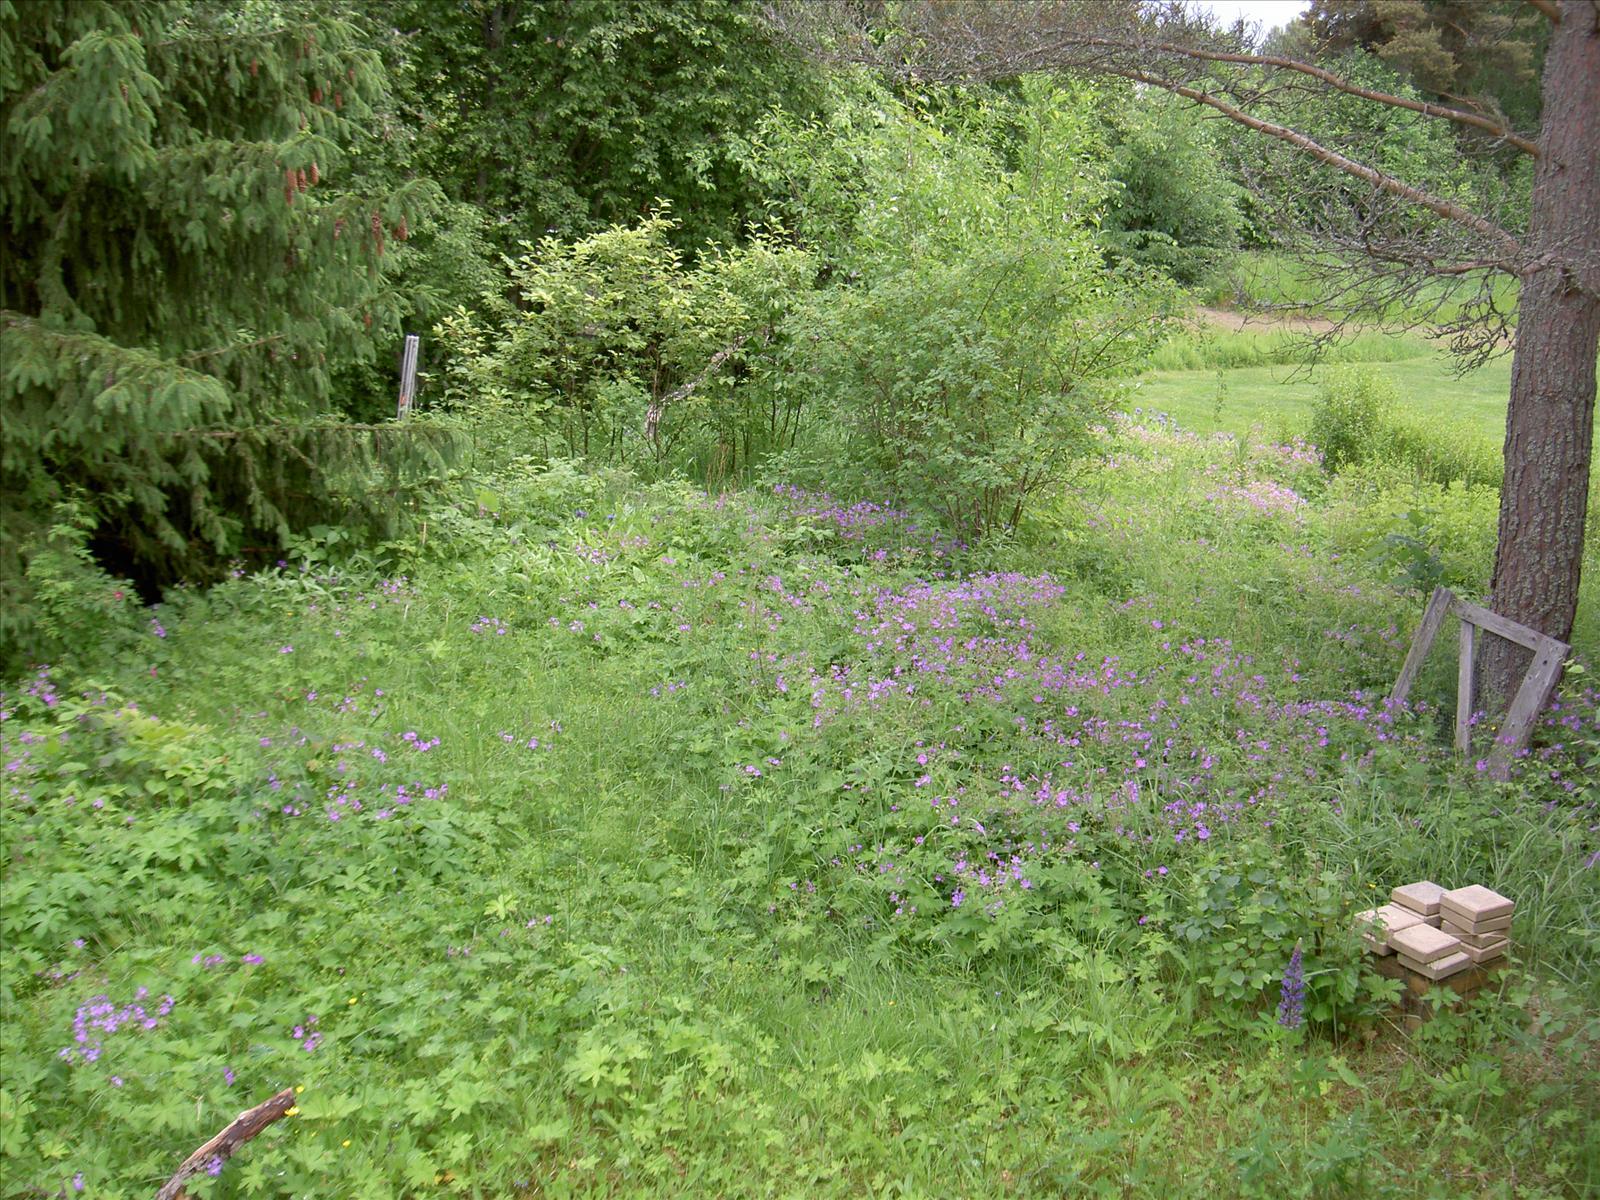 Vilda blommor   vilda växter och ogräs   trädgård ifokus